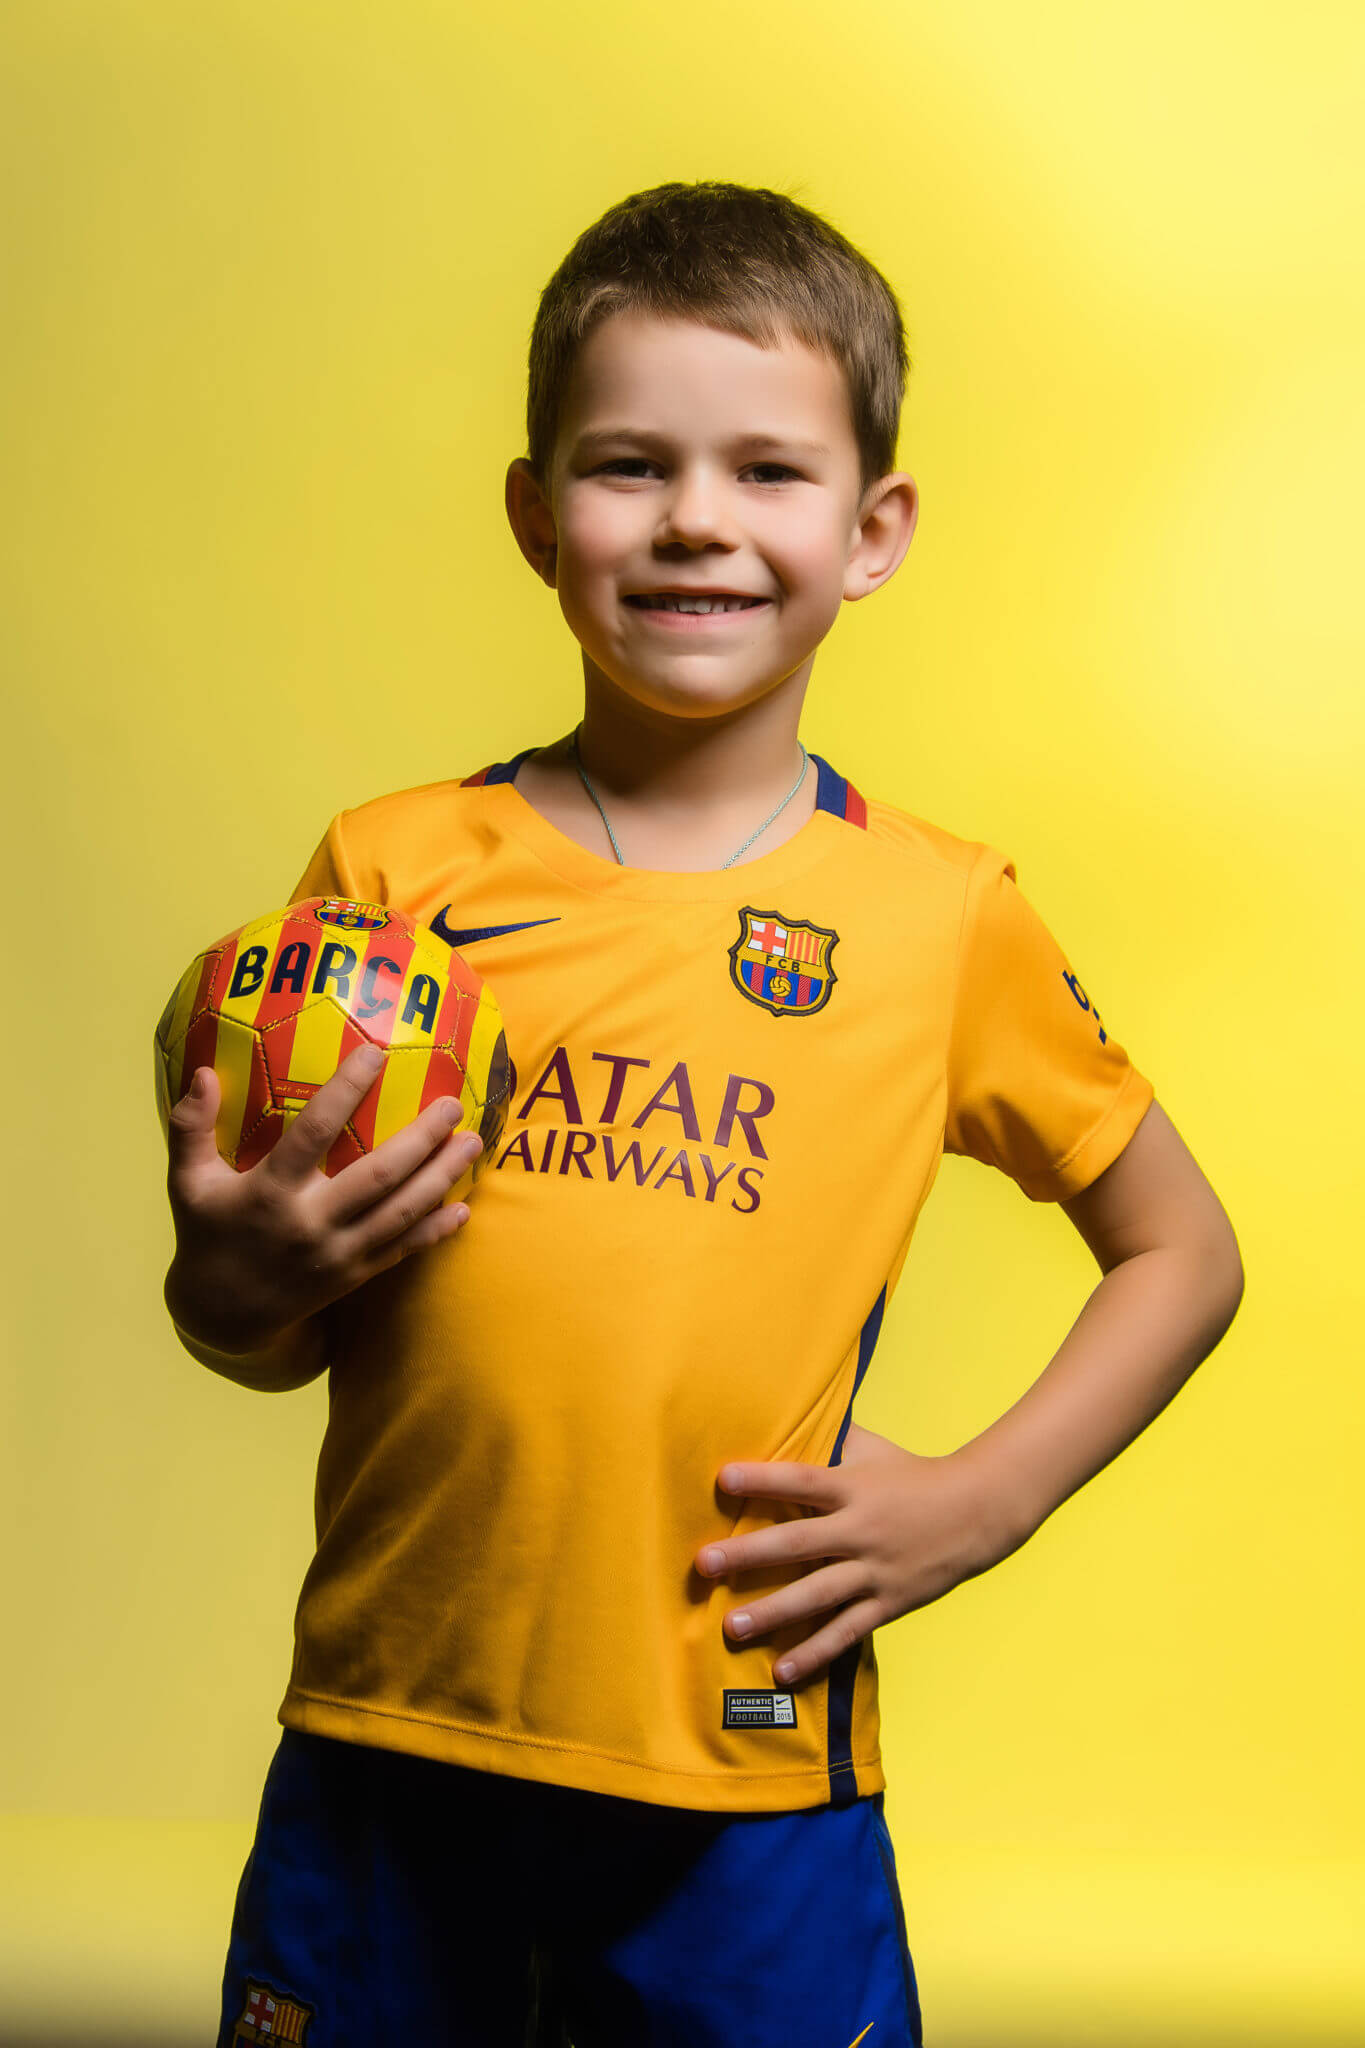 Детская фотосессия, KidsTop100, фото Постникова А., мальчик с мячом на желтом фоне